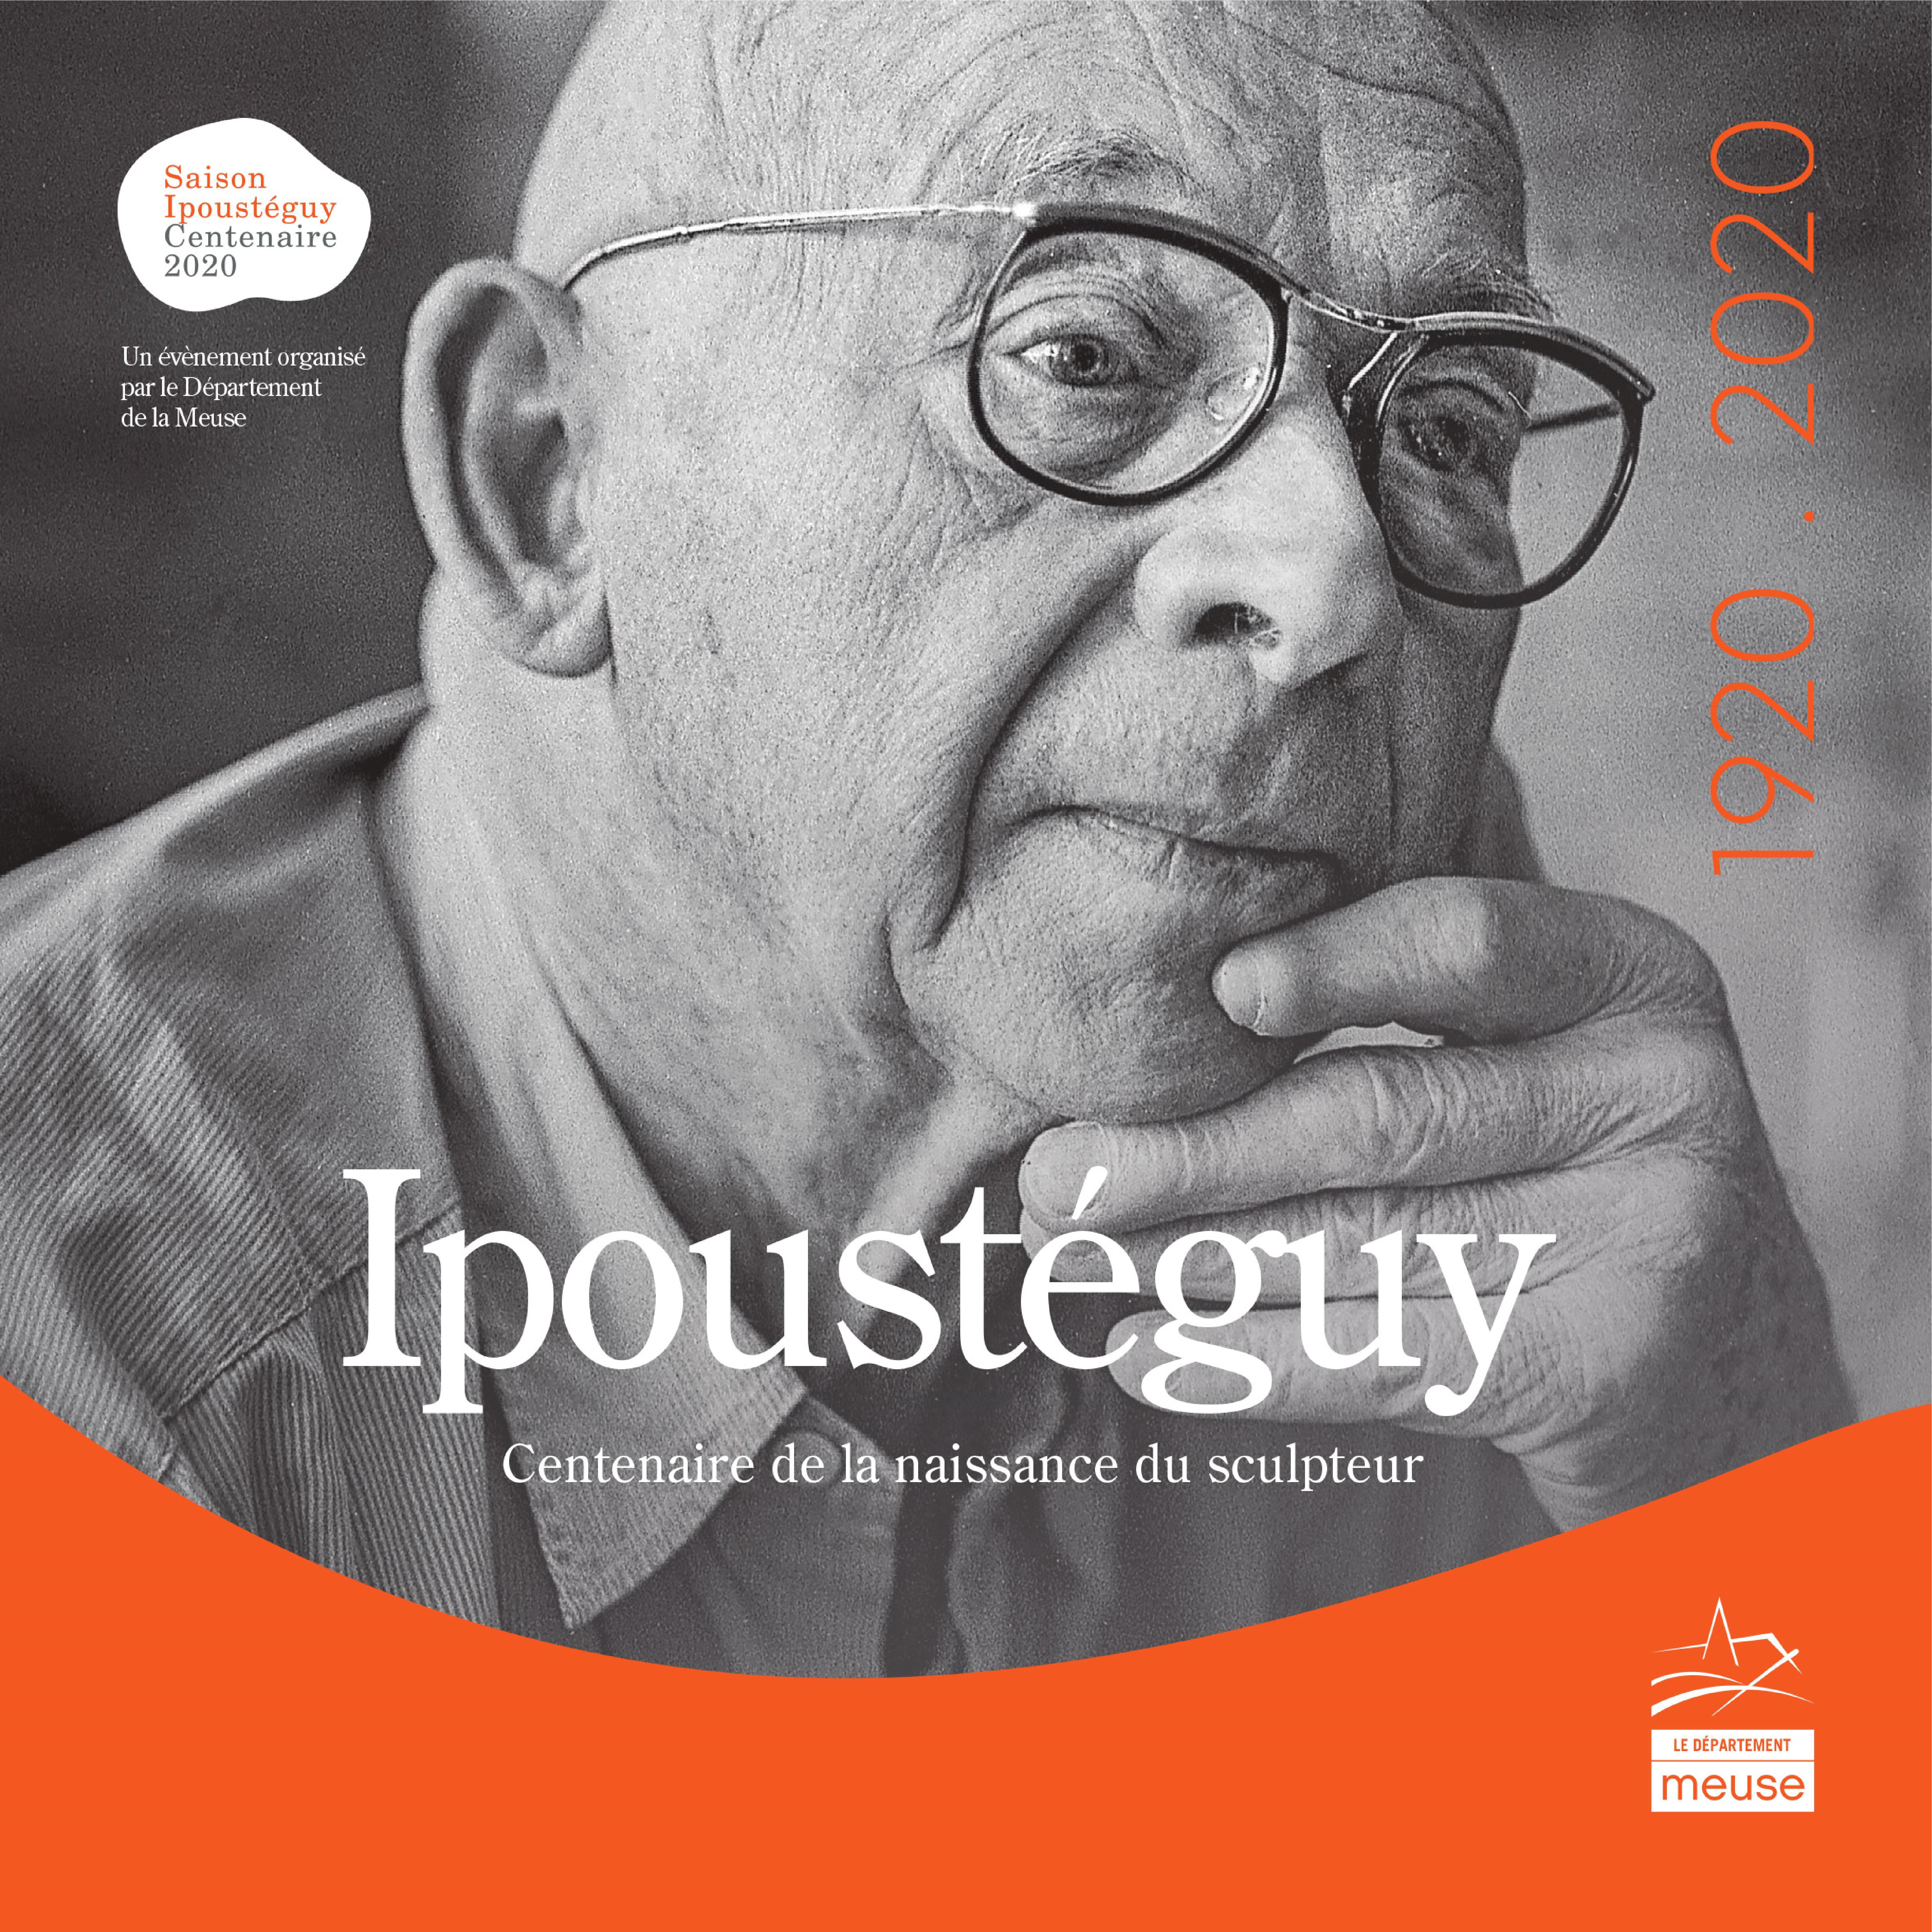 Exposition Ipoustéguy Centenaire 2020 Programme 7 expositions 1 colloque Lorraine